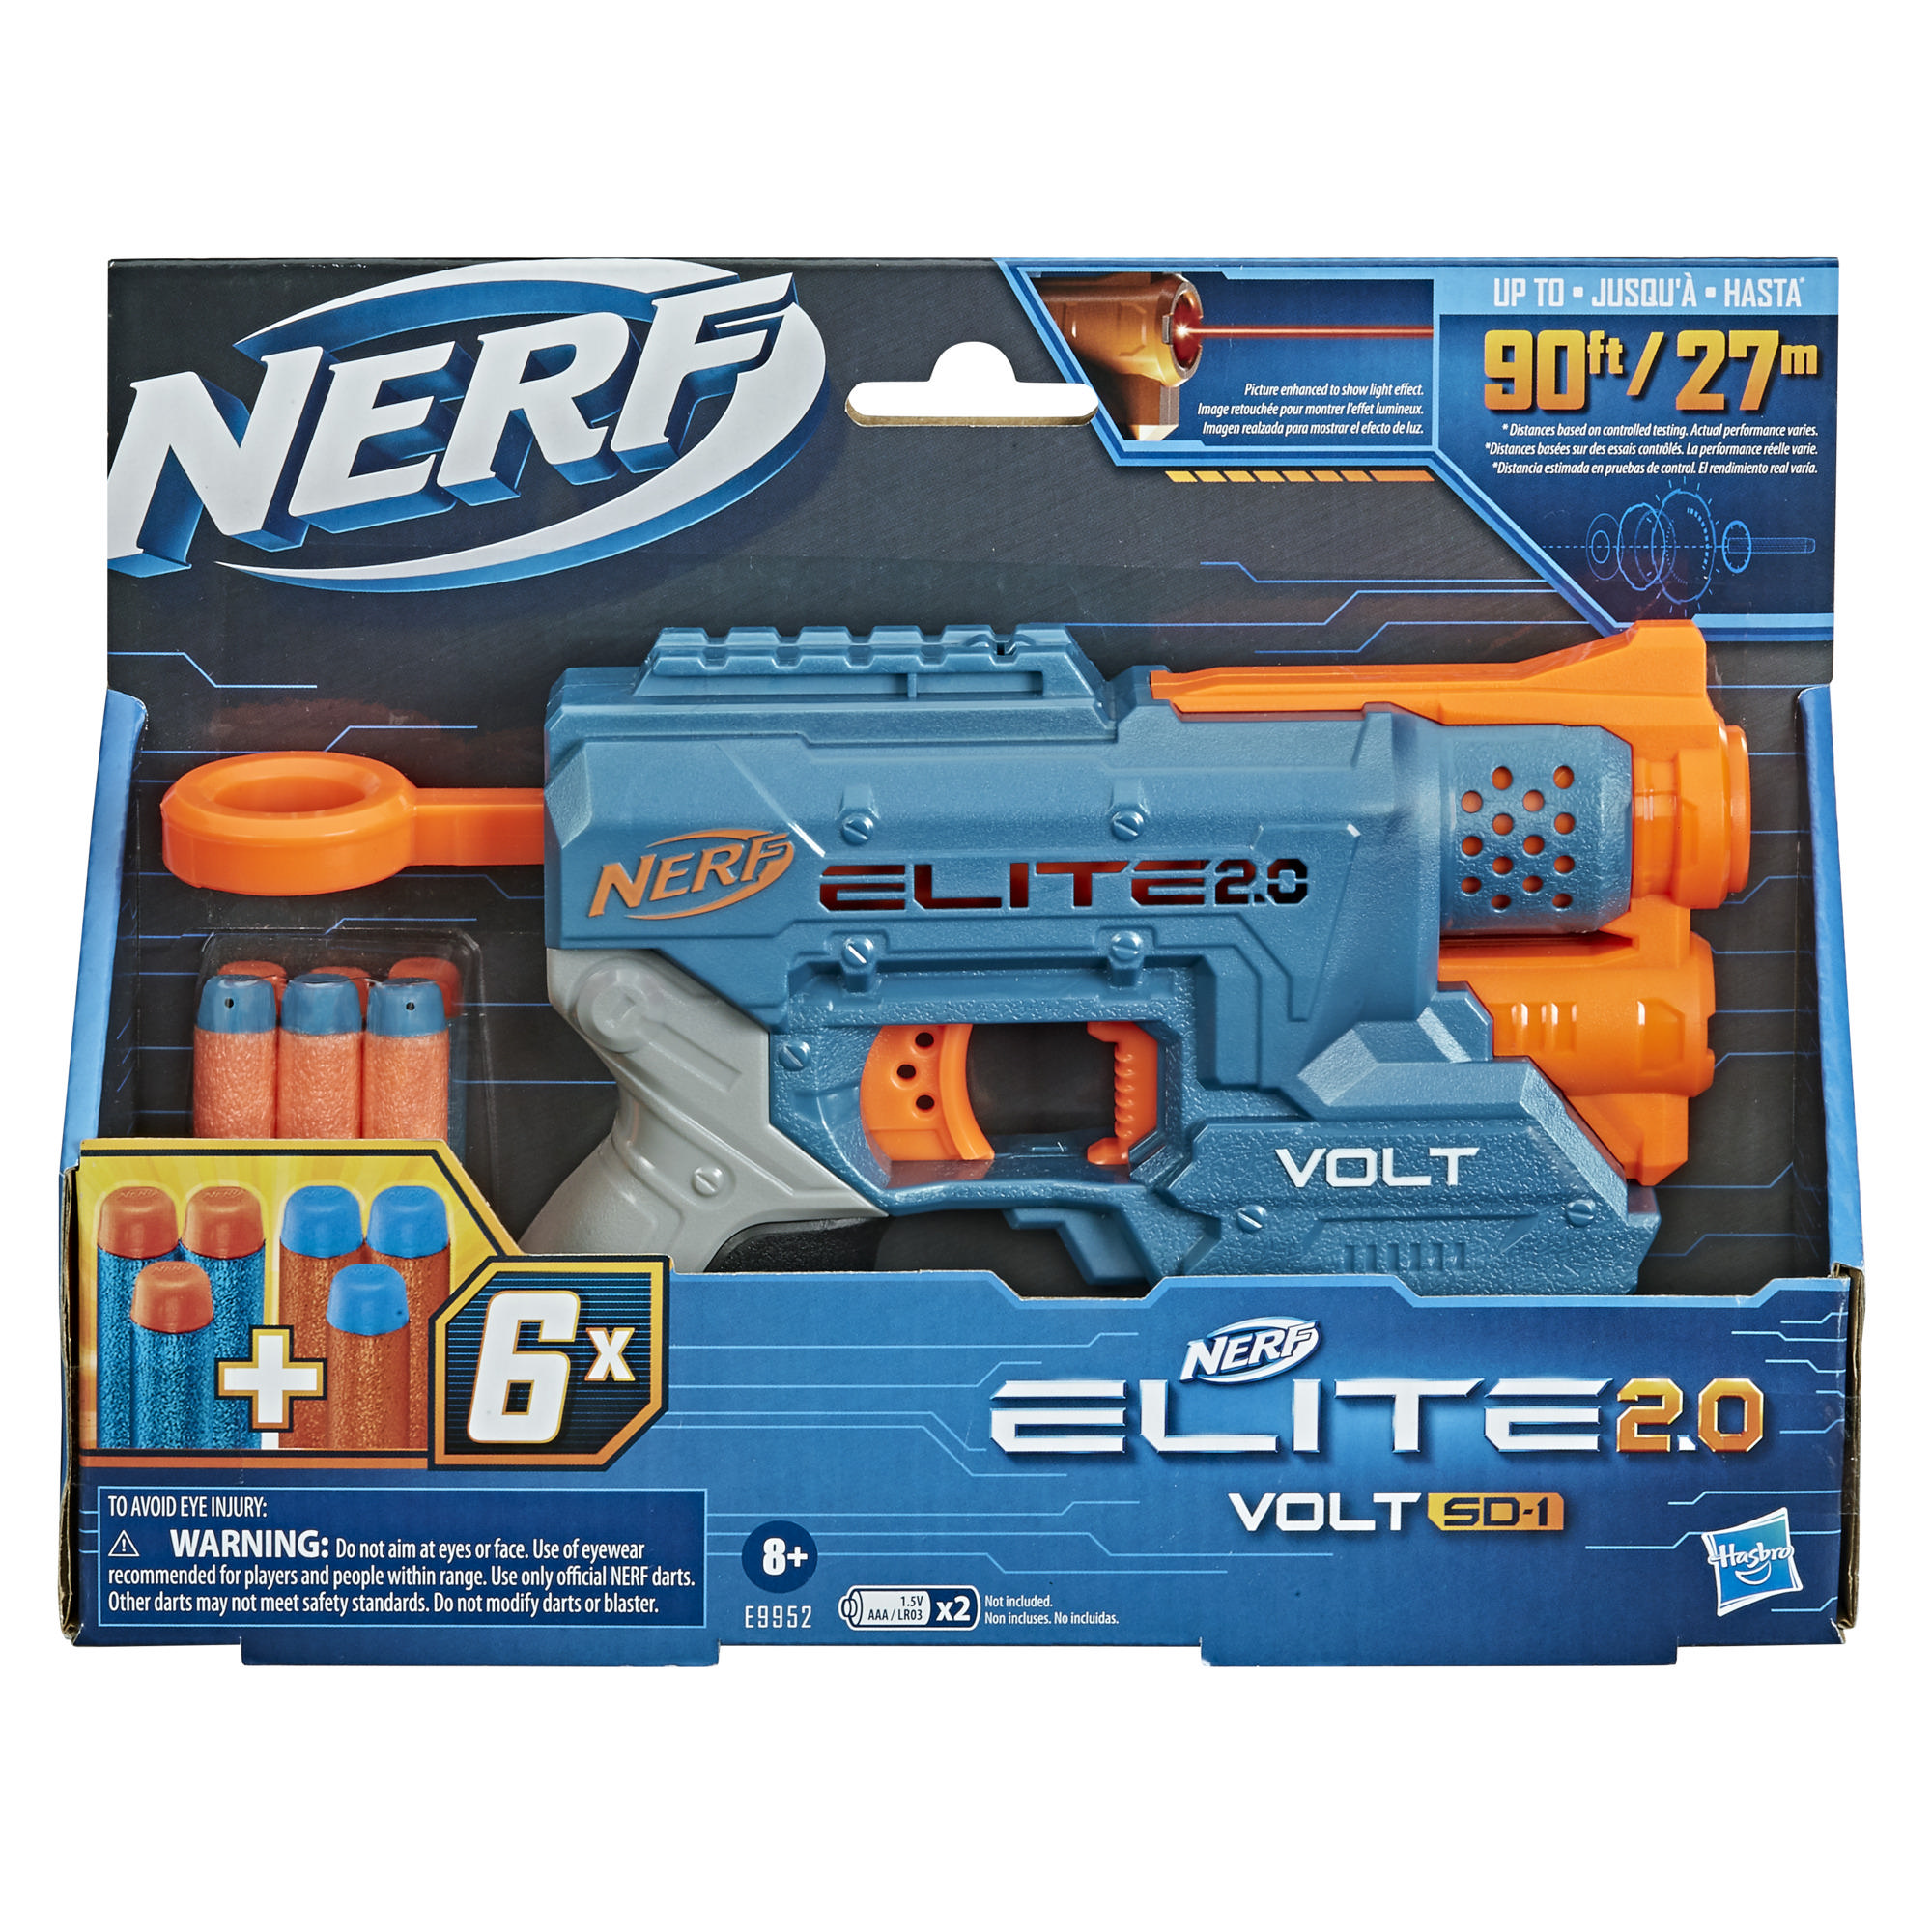 Nerf Elite 2.0 Volt SD-1-blaster -- 6 officiële Nerf-darts, lichtstraalzoeker, opslag voor 2 darts, 2 tactische rails